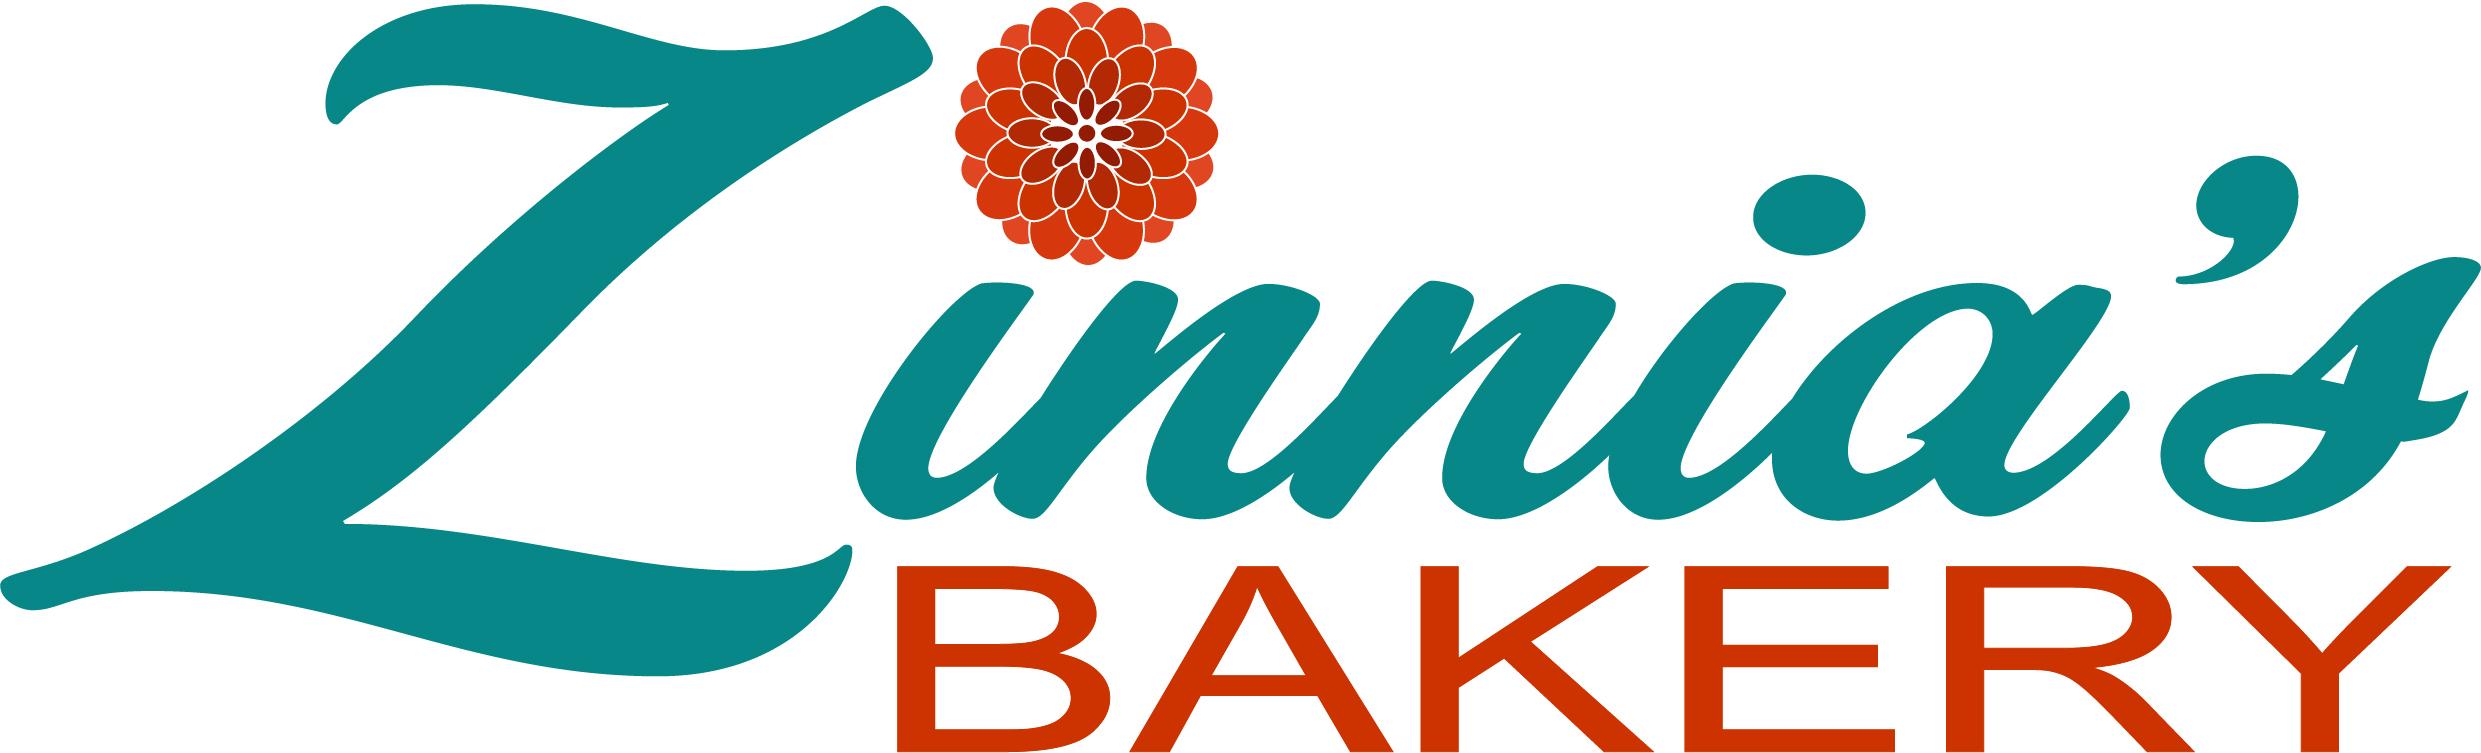 Zinnia's Bakery logo